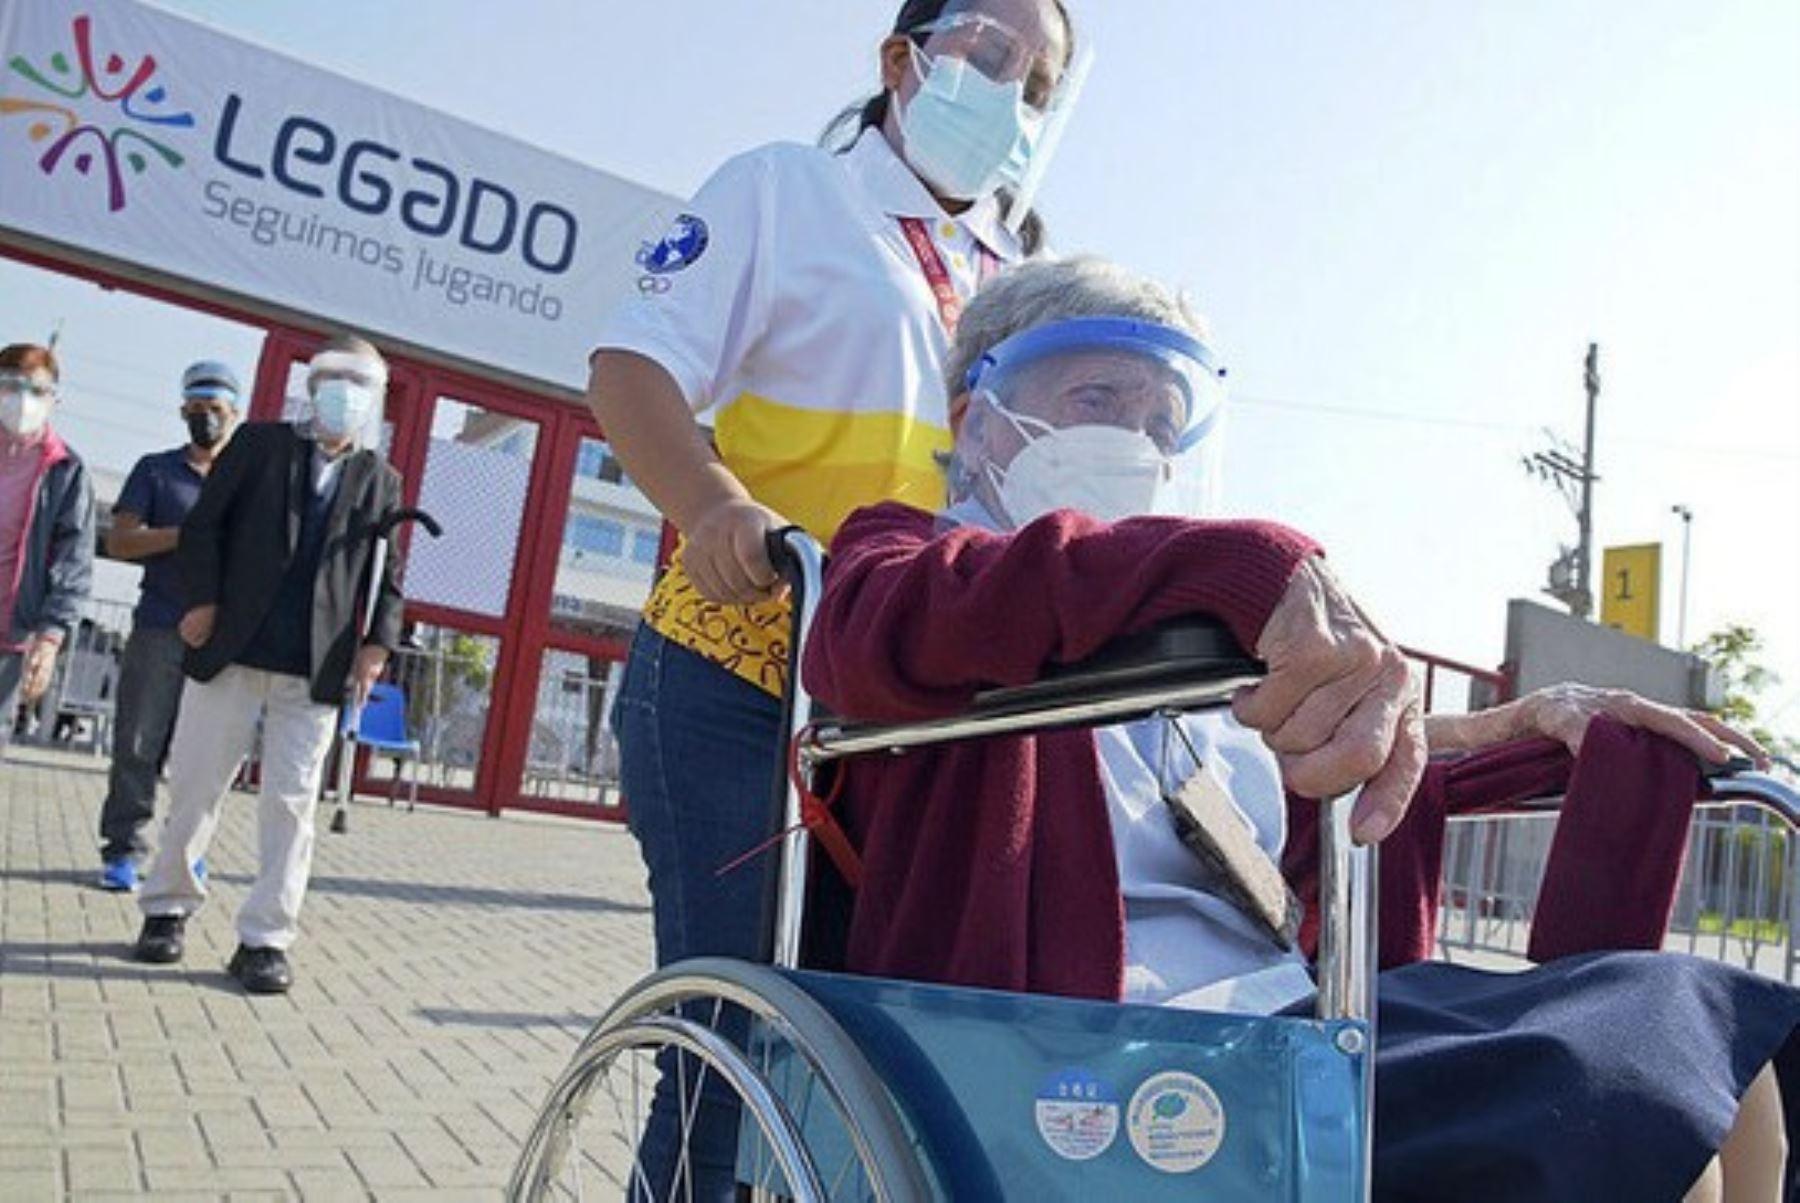 Abren convocatoria a voluntarios de los Juegos Panamericanos para proceso de vacunación. Foto: ANDINA/Difusión.